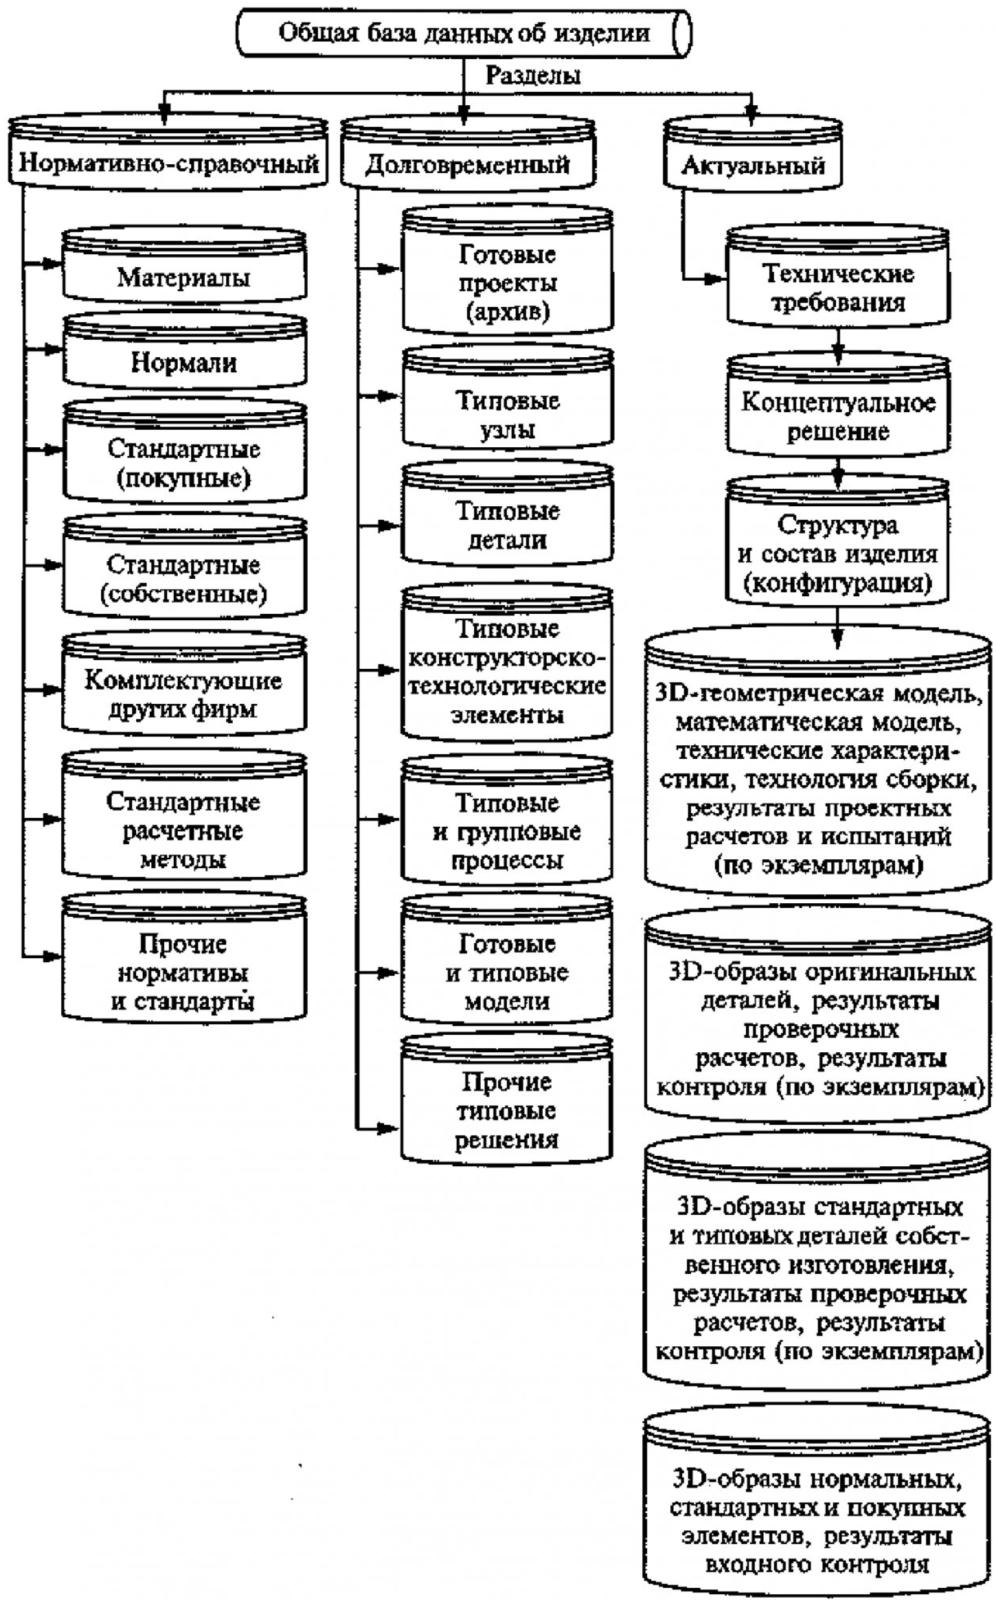 Формирование системы информационного обеспечения интегрированного производственного комплекса 3